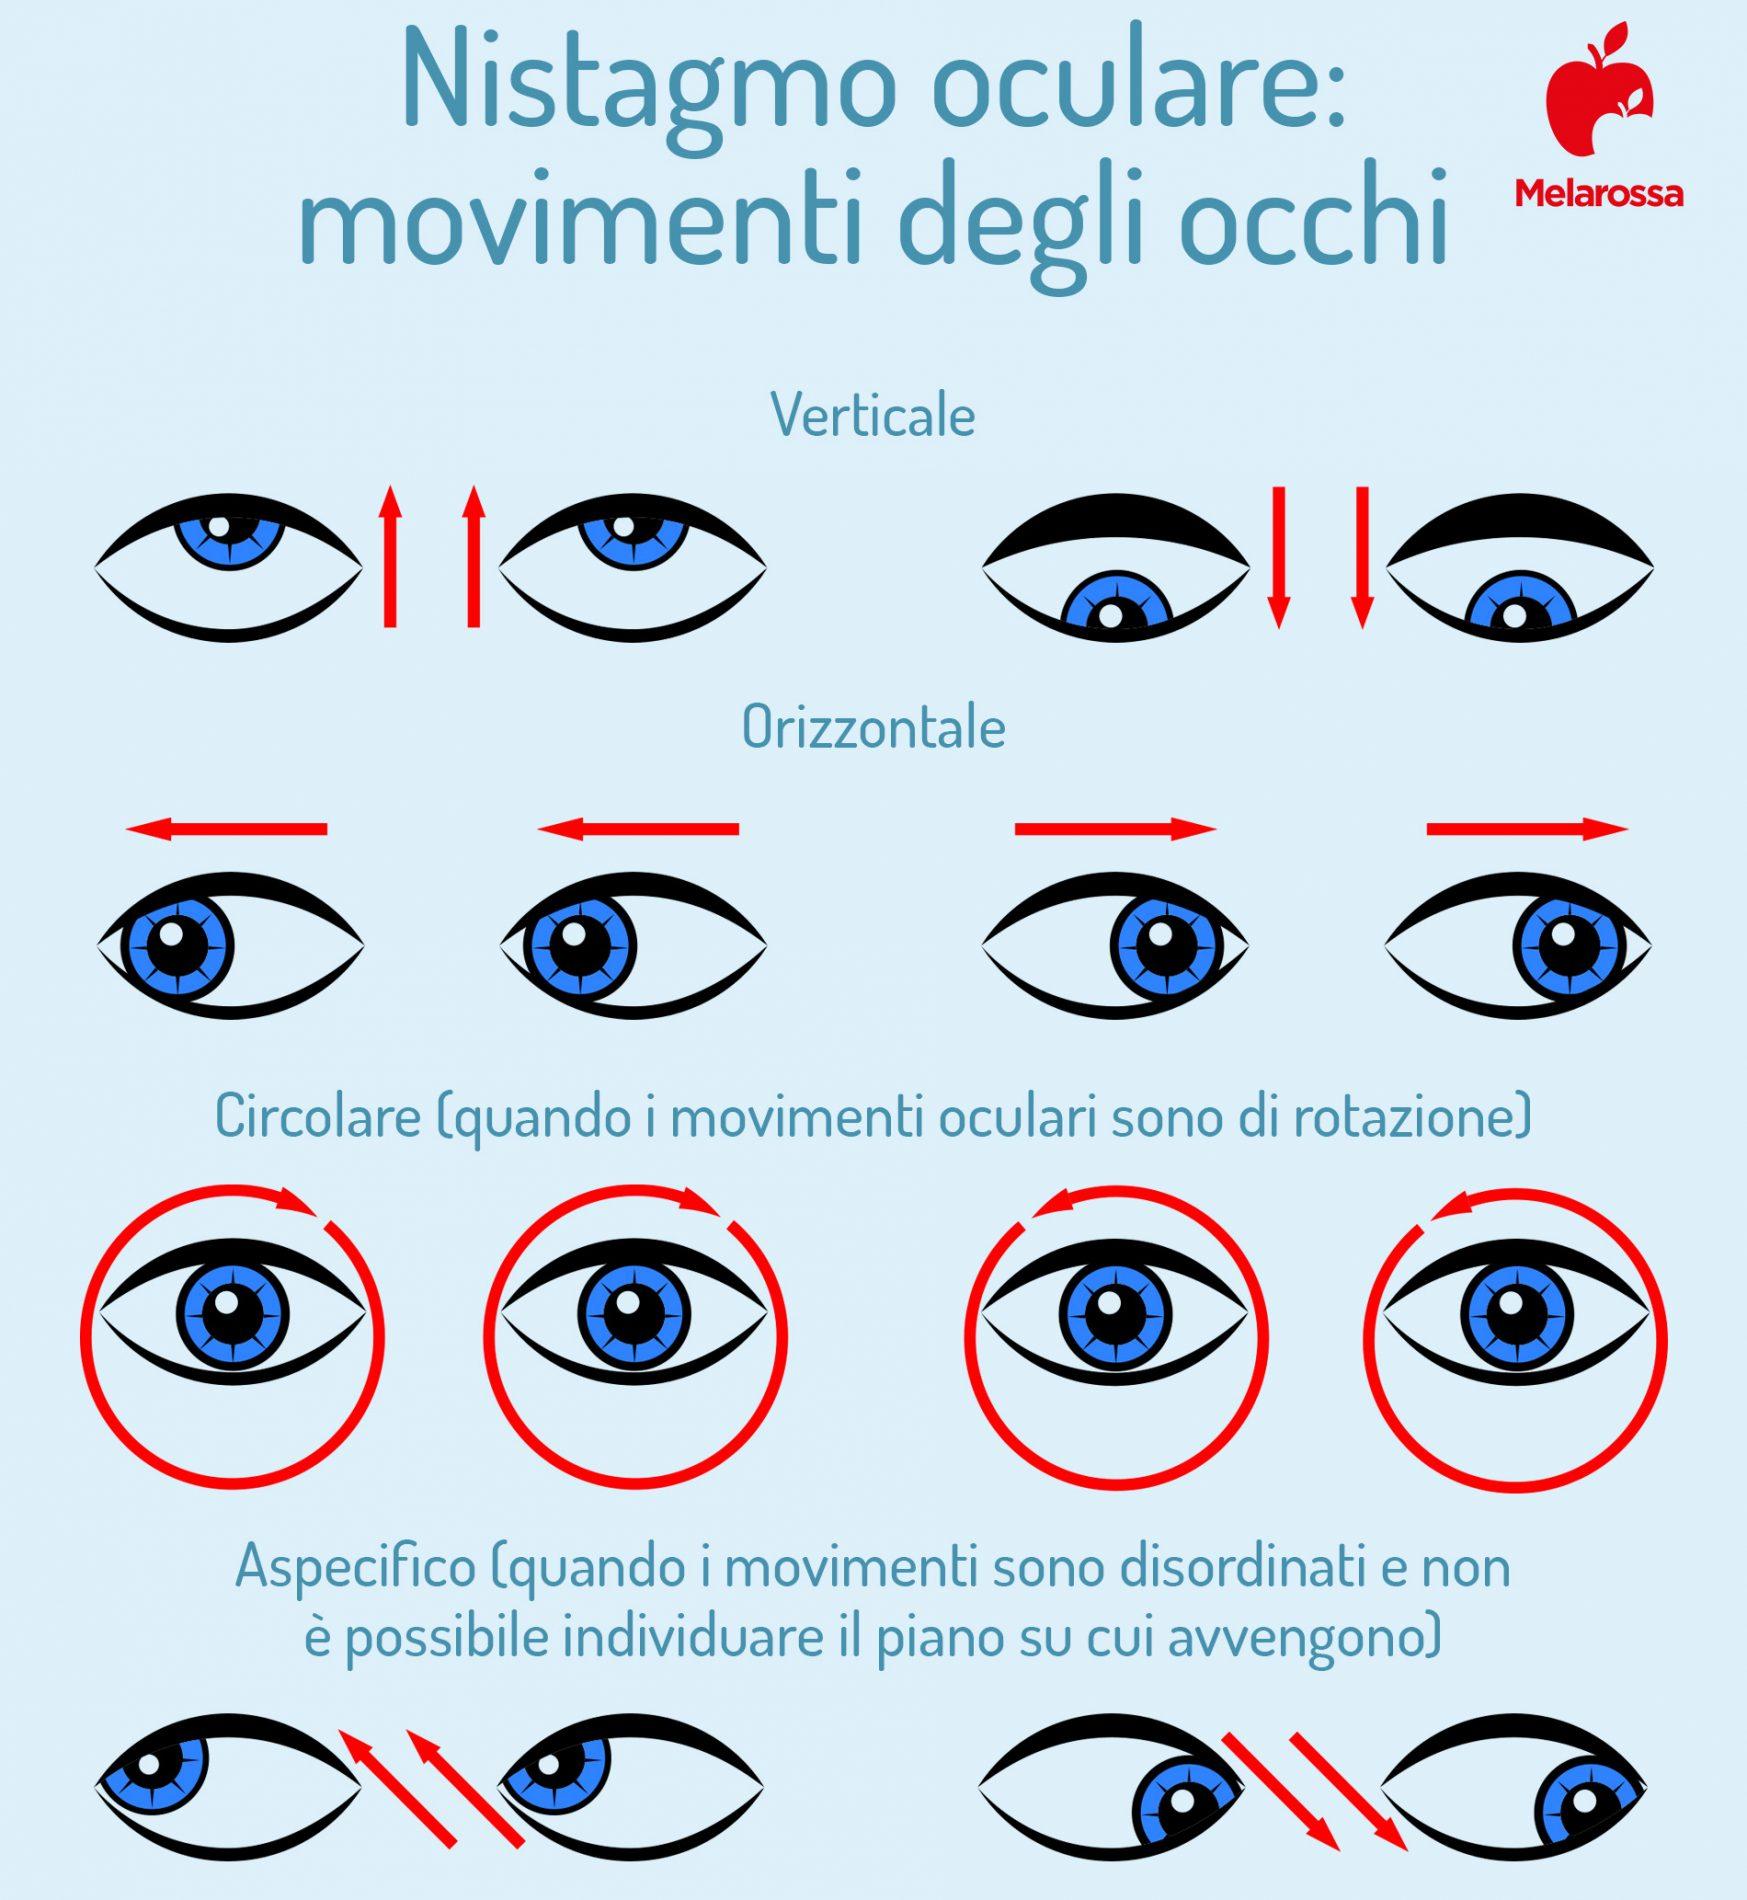 Nistagmo: movimenti degli occhi